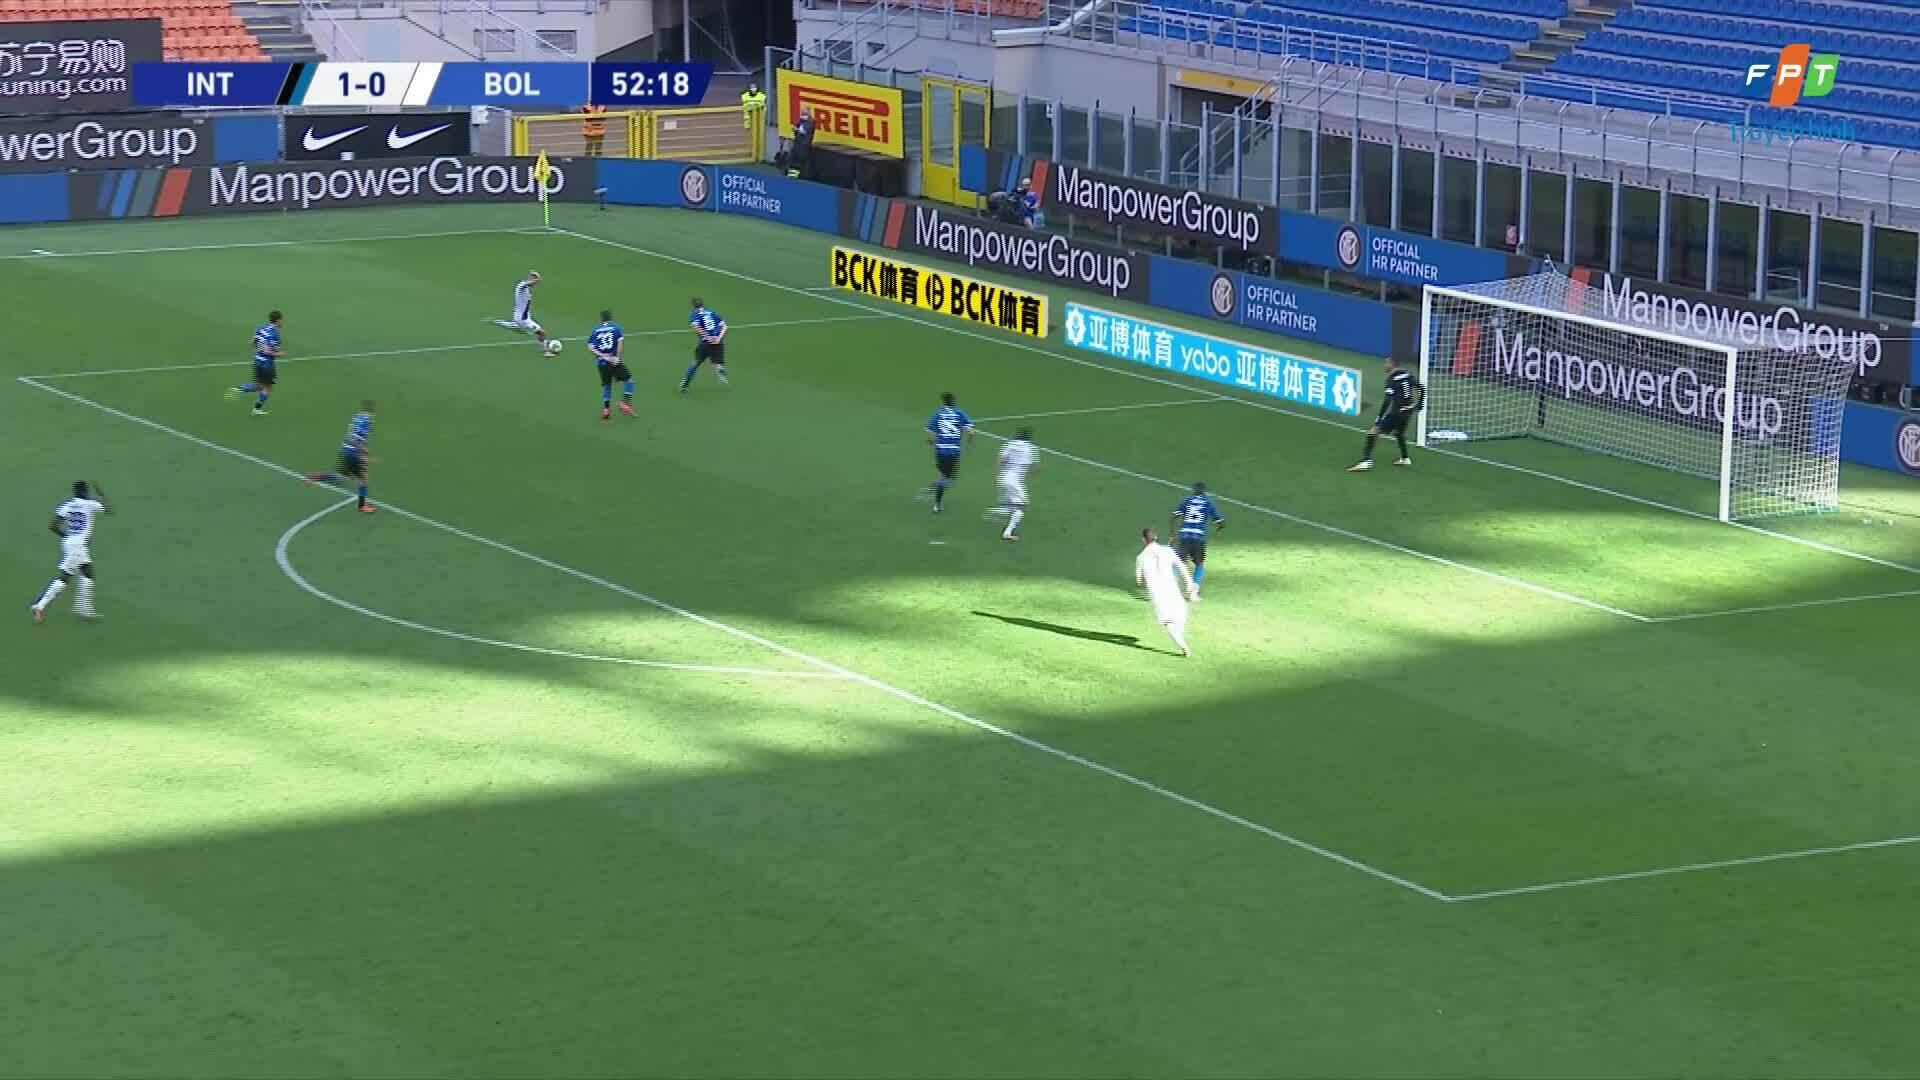 Inter 1-2 Bologna